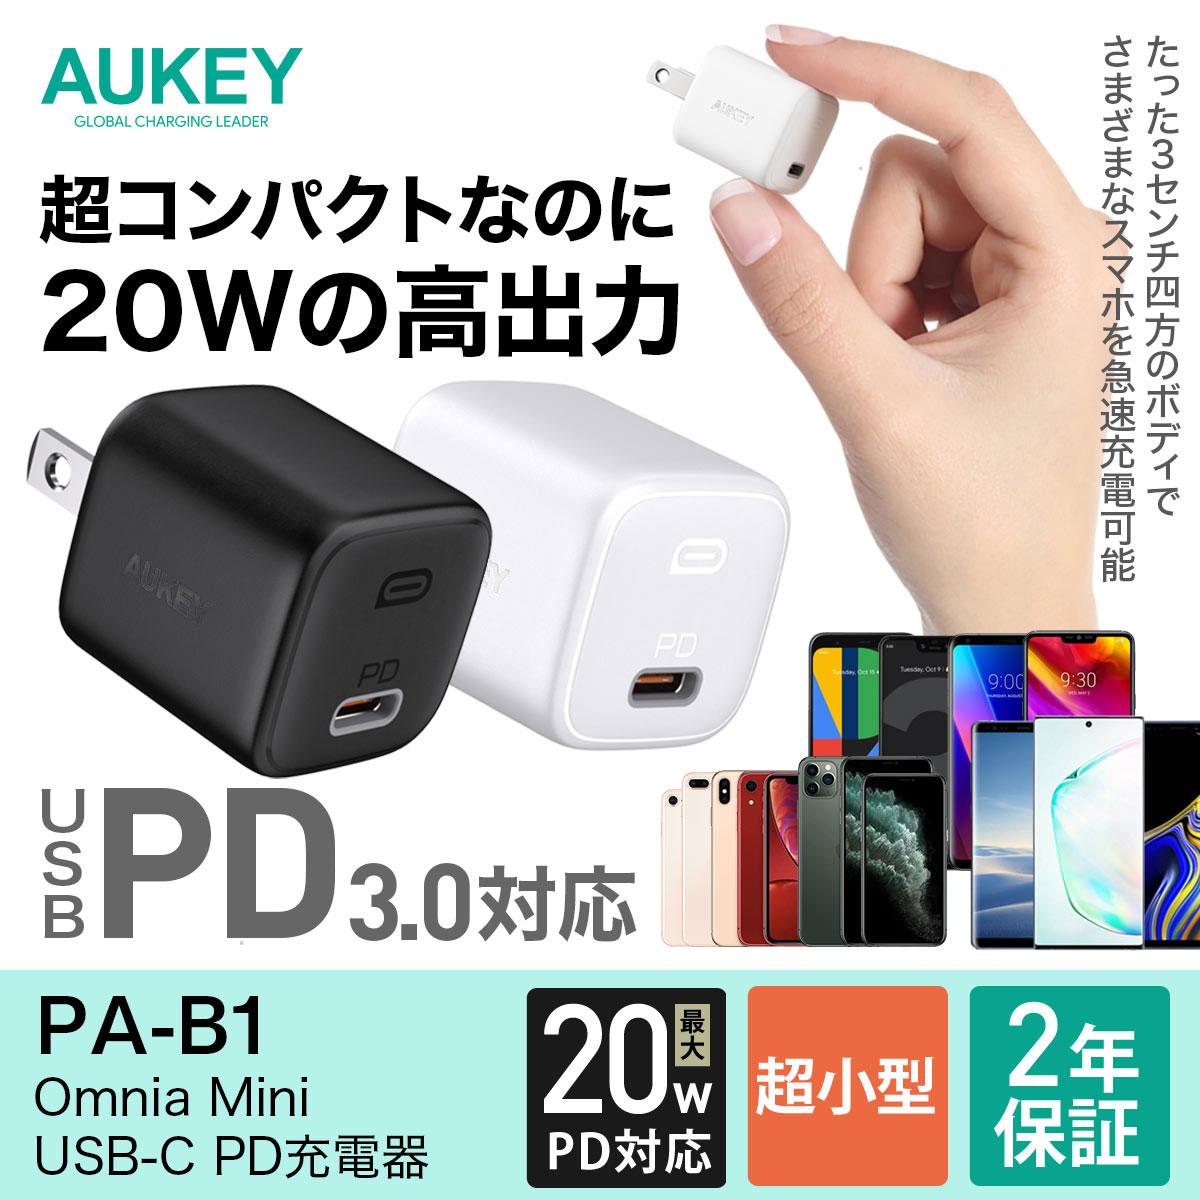 スマホiPhone12充電器AUKEYオーキーOmniaMini20Wブラック/ホワイトPA-B1iPhone12/12Pro/12ProMax/12Mini急速高速type-cPDPower